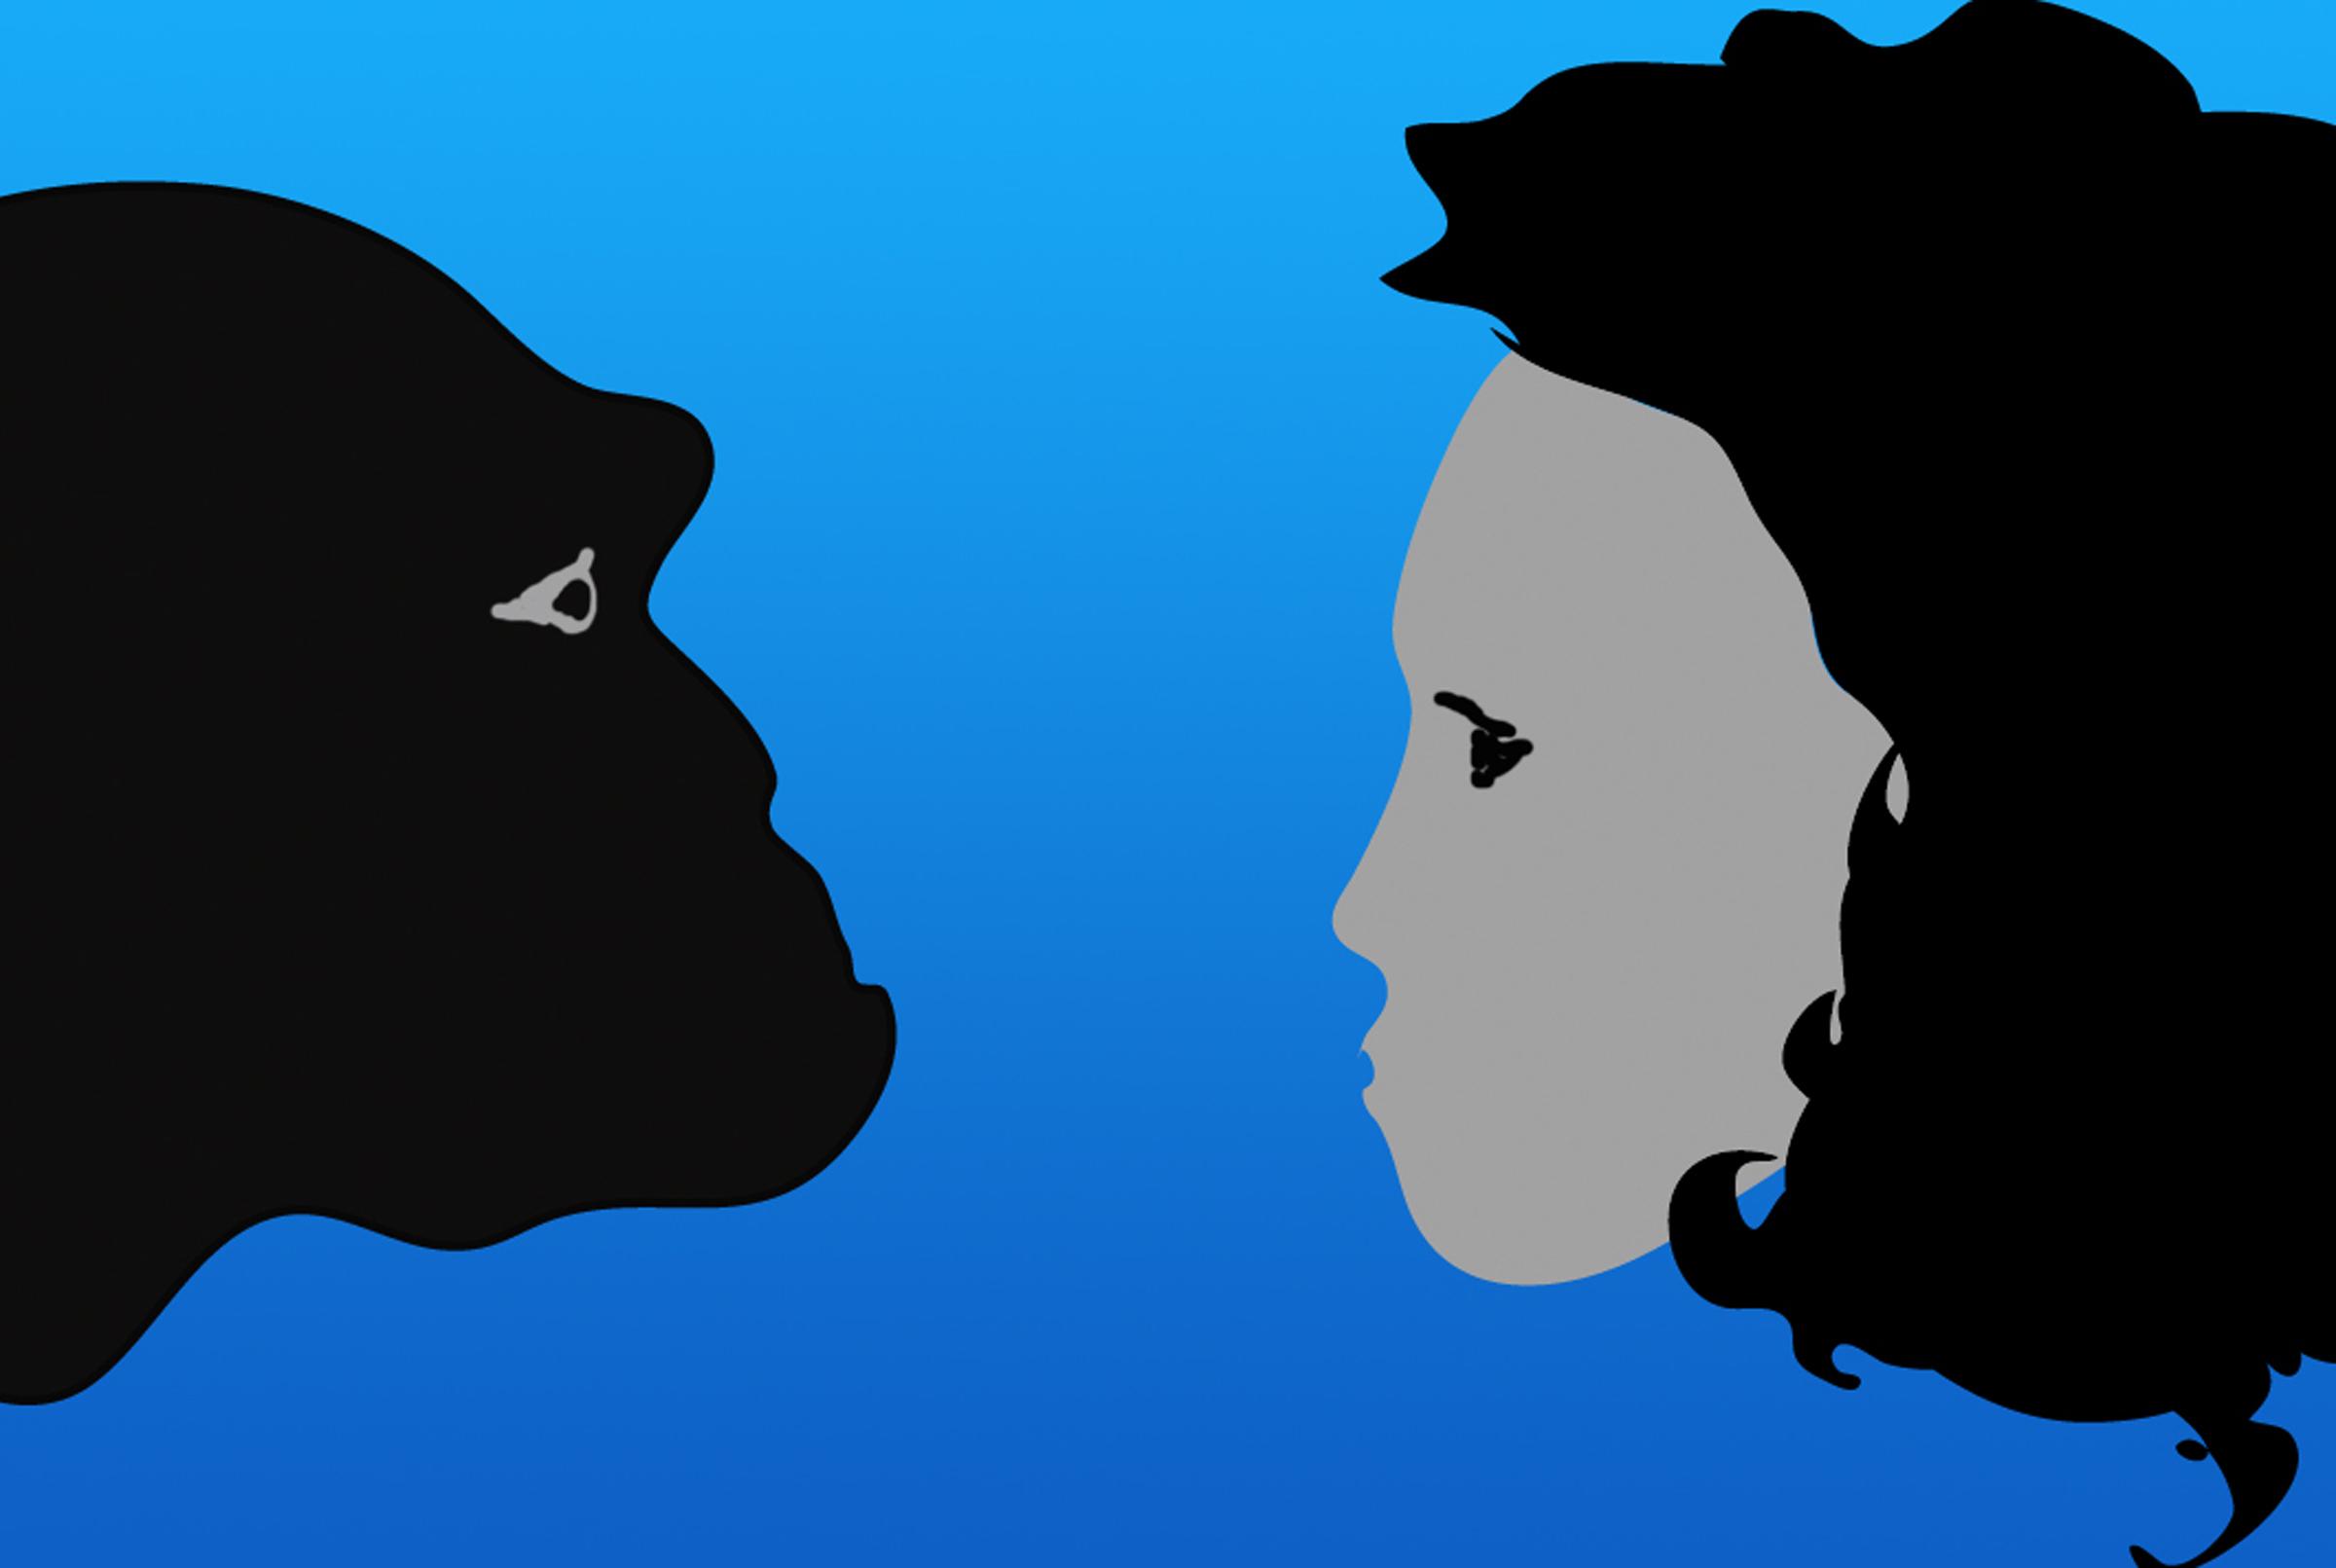 Anthropogeny